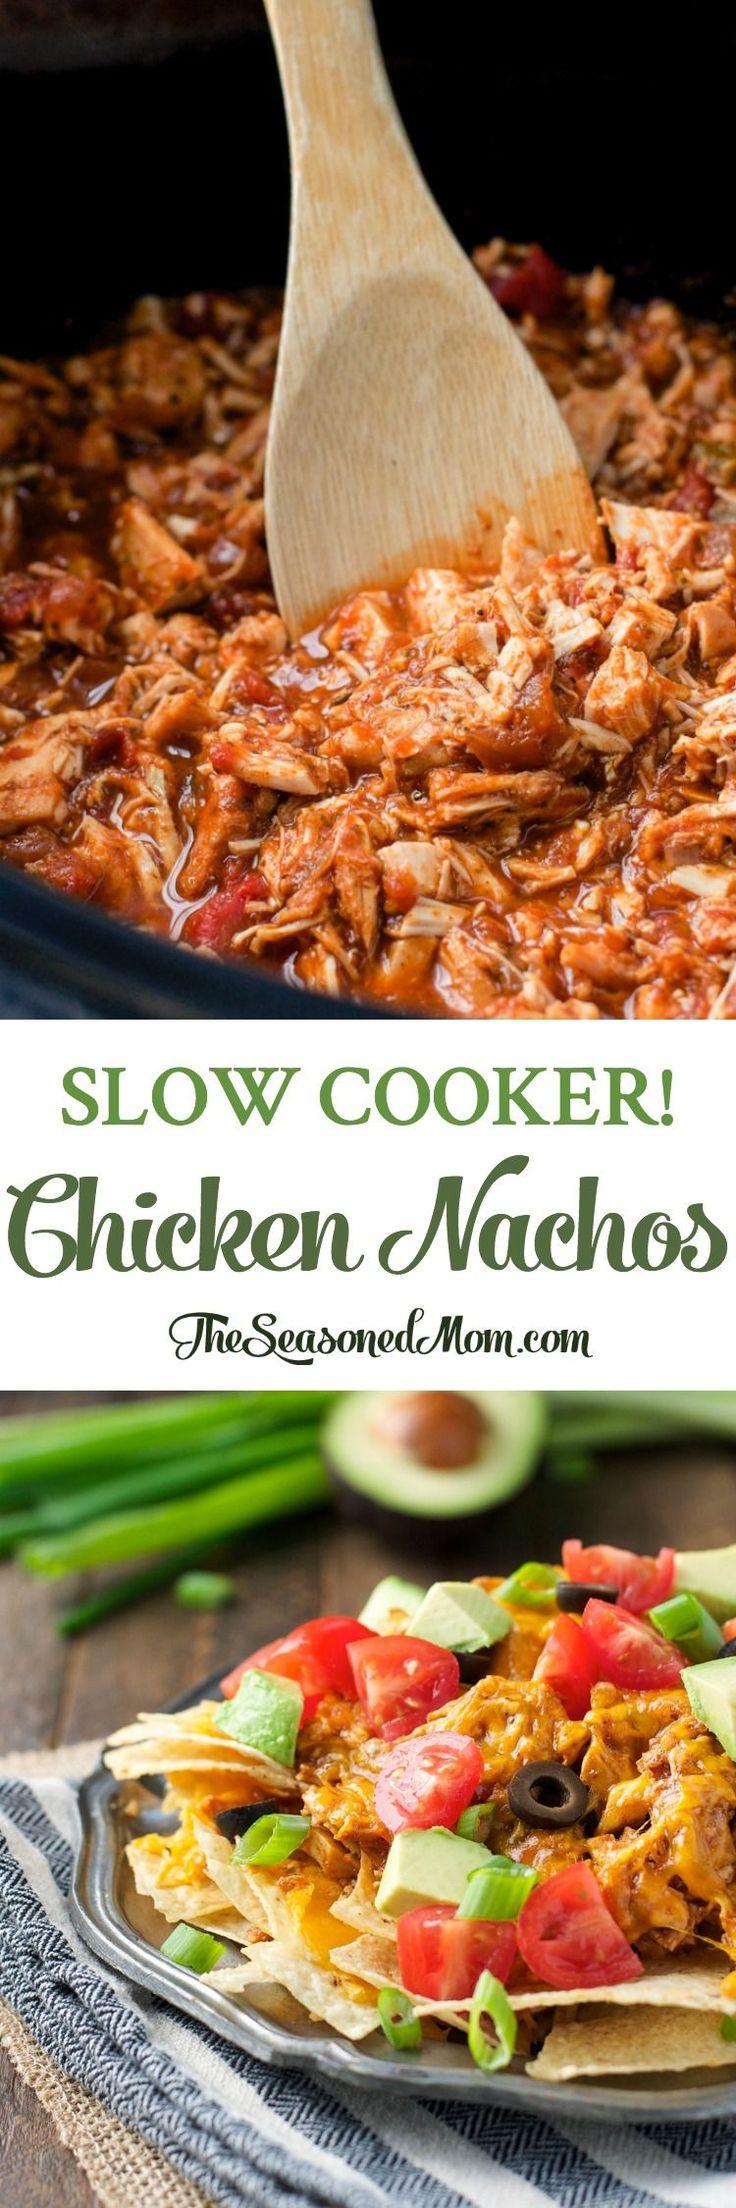 Slow Cooker Chicken Nachos